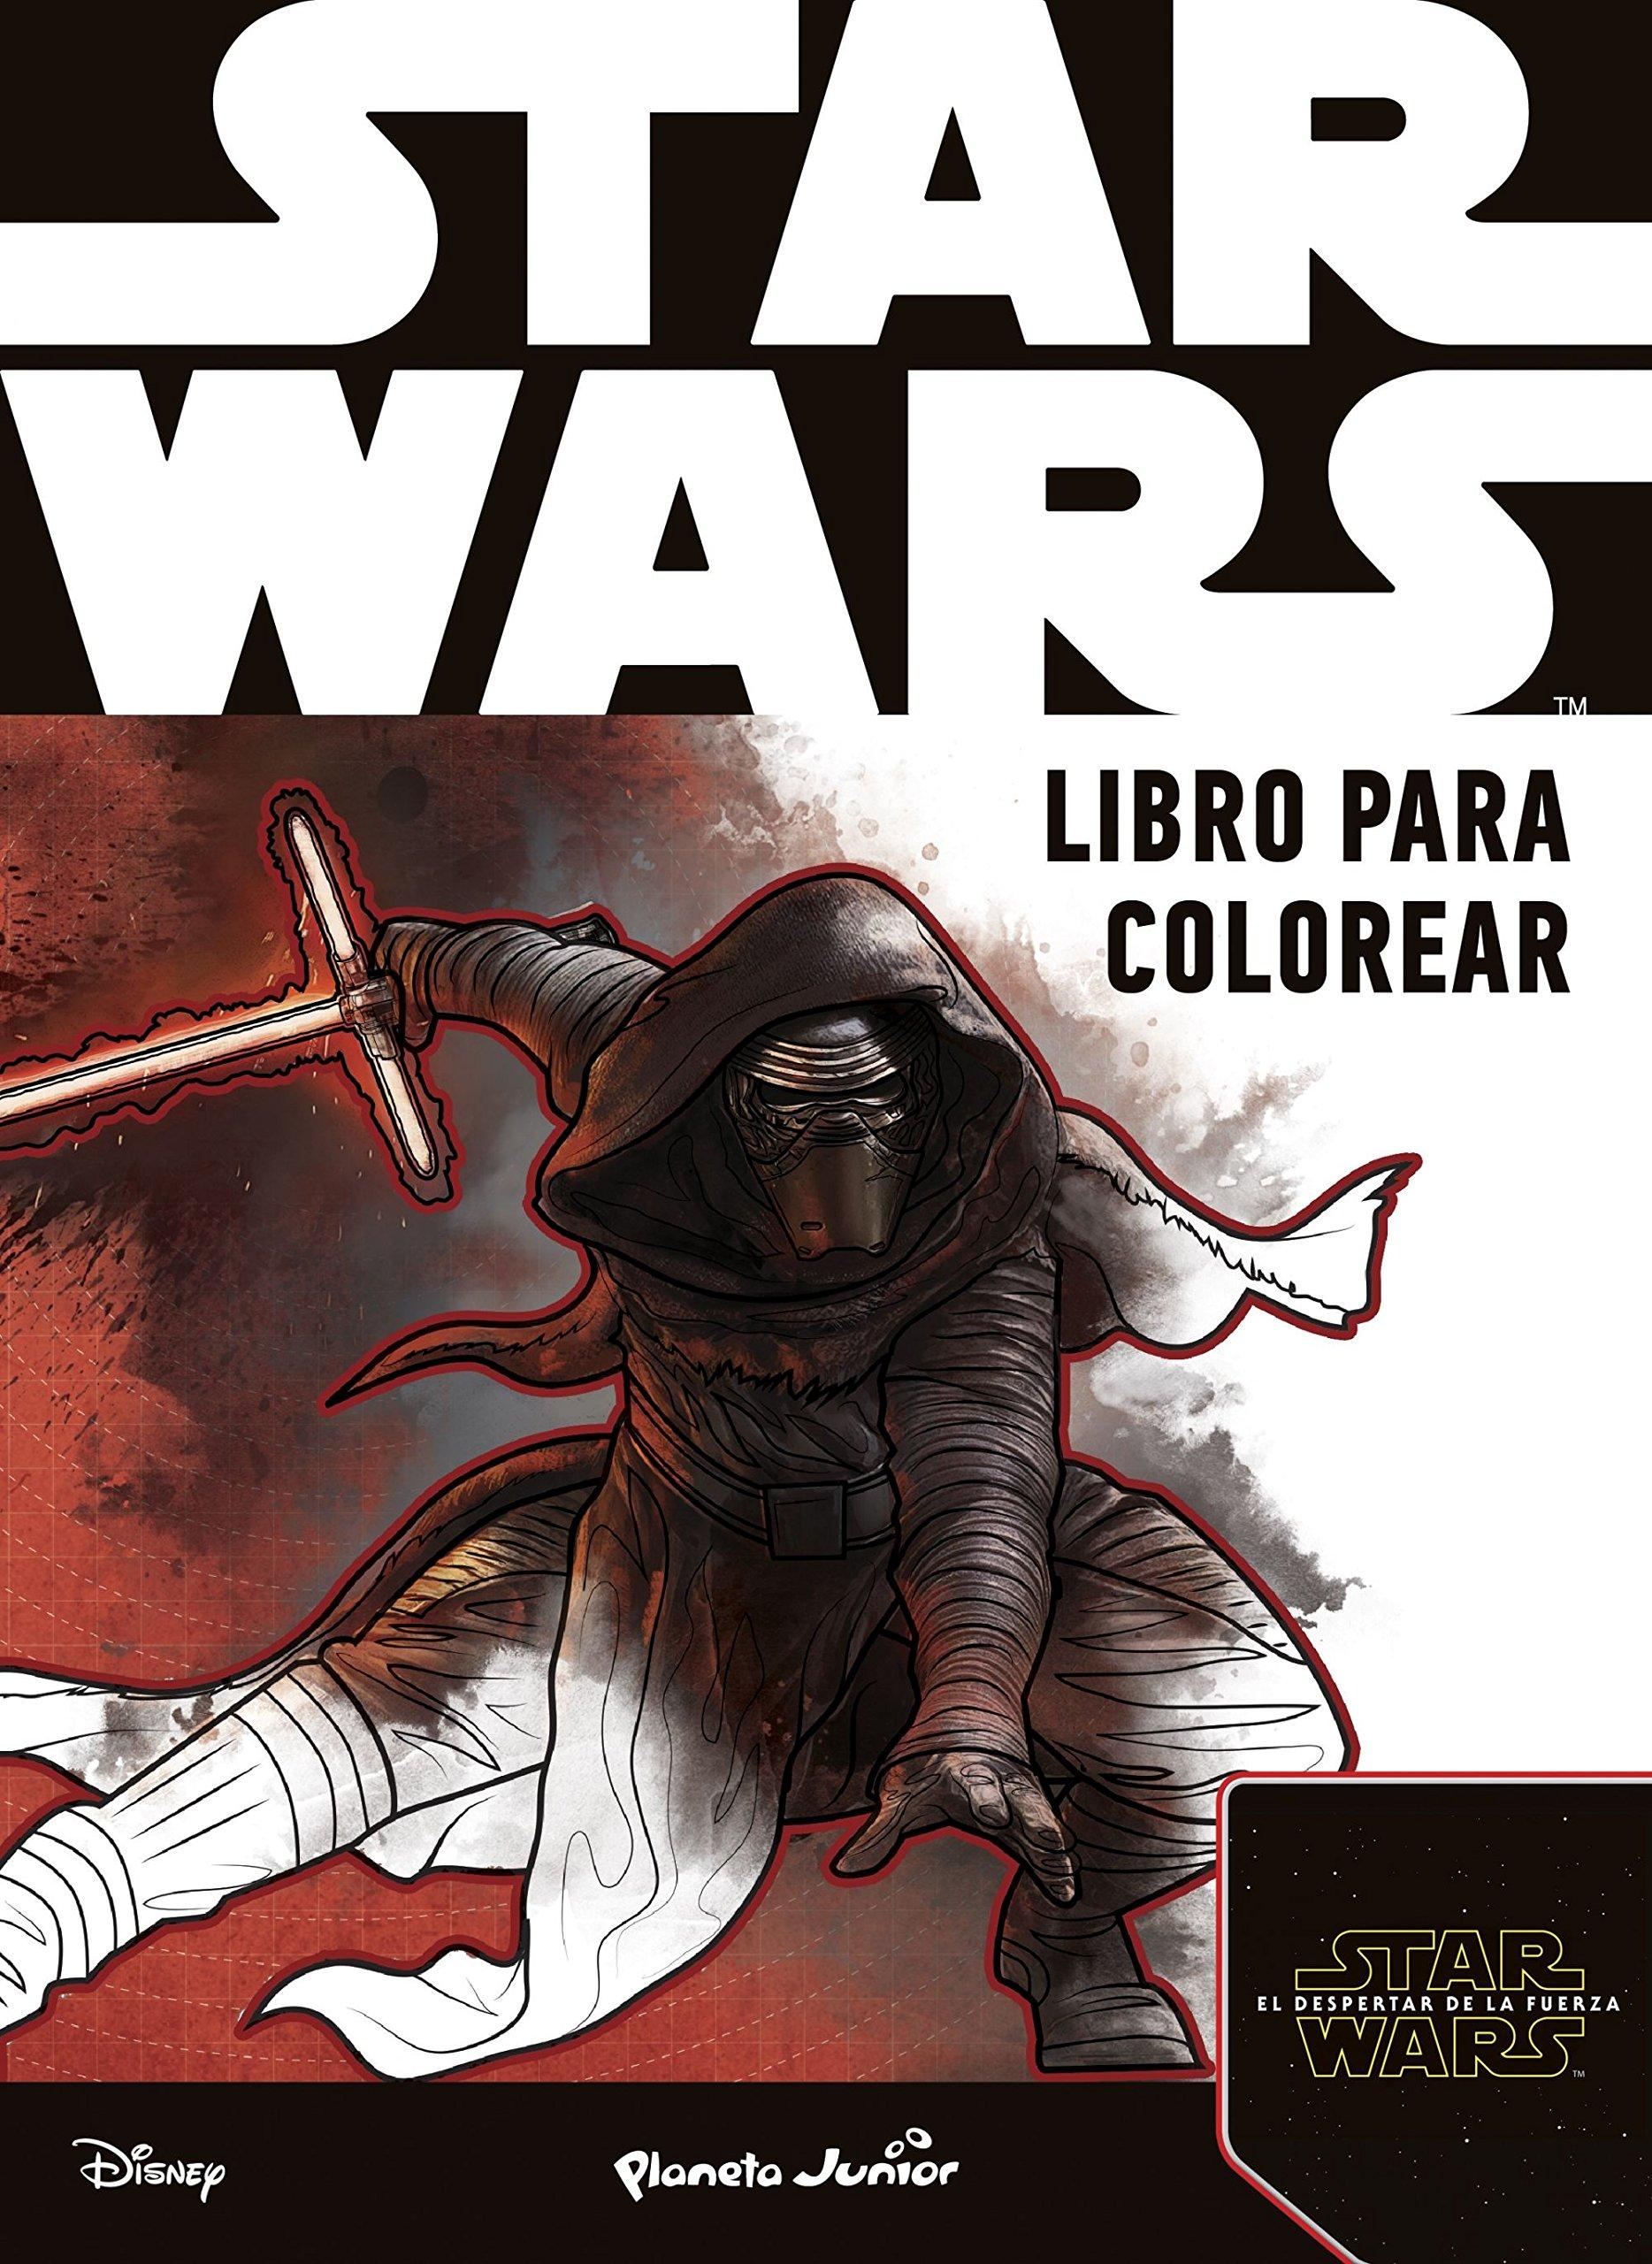 Star Wars Libro Para Colorear El Despertar De La Fuerza